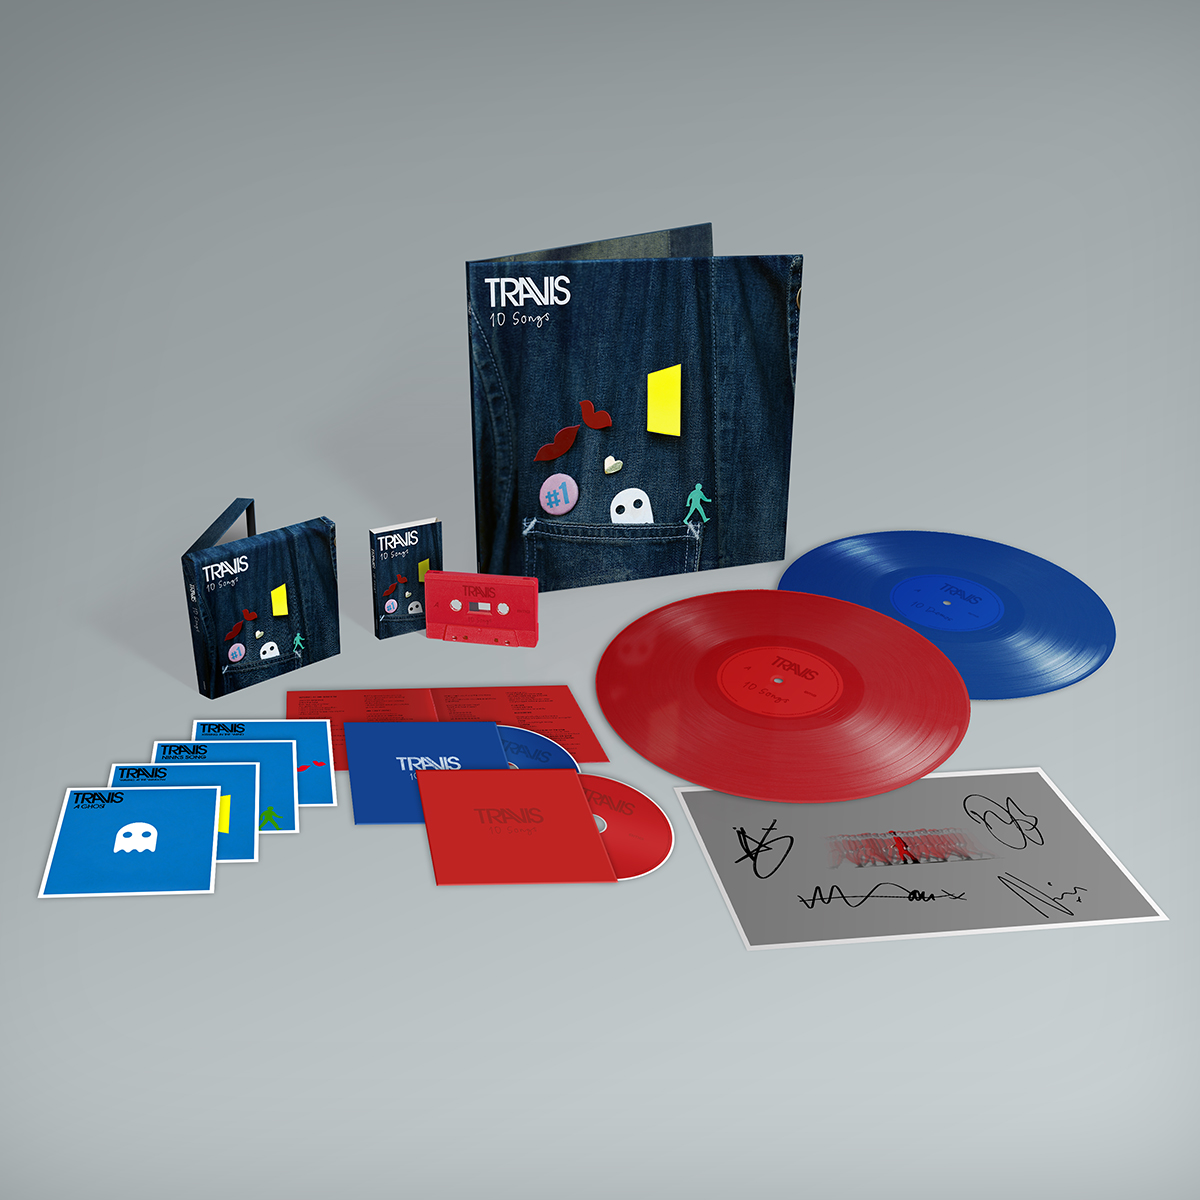 Buy Online Travis - 10 Songs Deluxe Double CD (Inc. Album Demos) + Lyric Sheet (Signed) + Deluxe Double Coloured Vinyl (Inc. Album Demos) + Art Print (Signed) + Cassette (Exclusive)